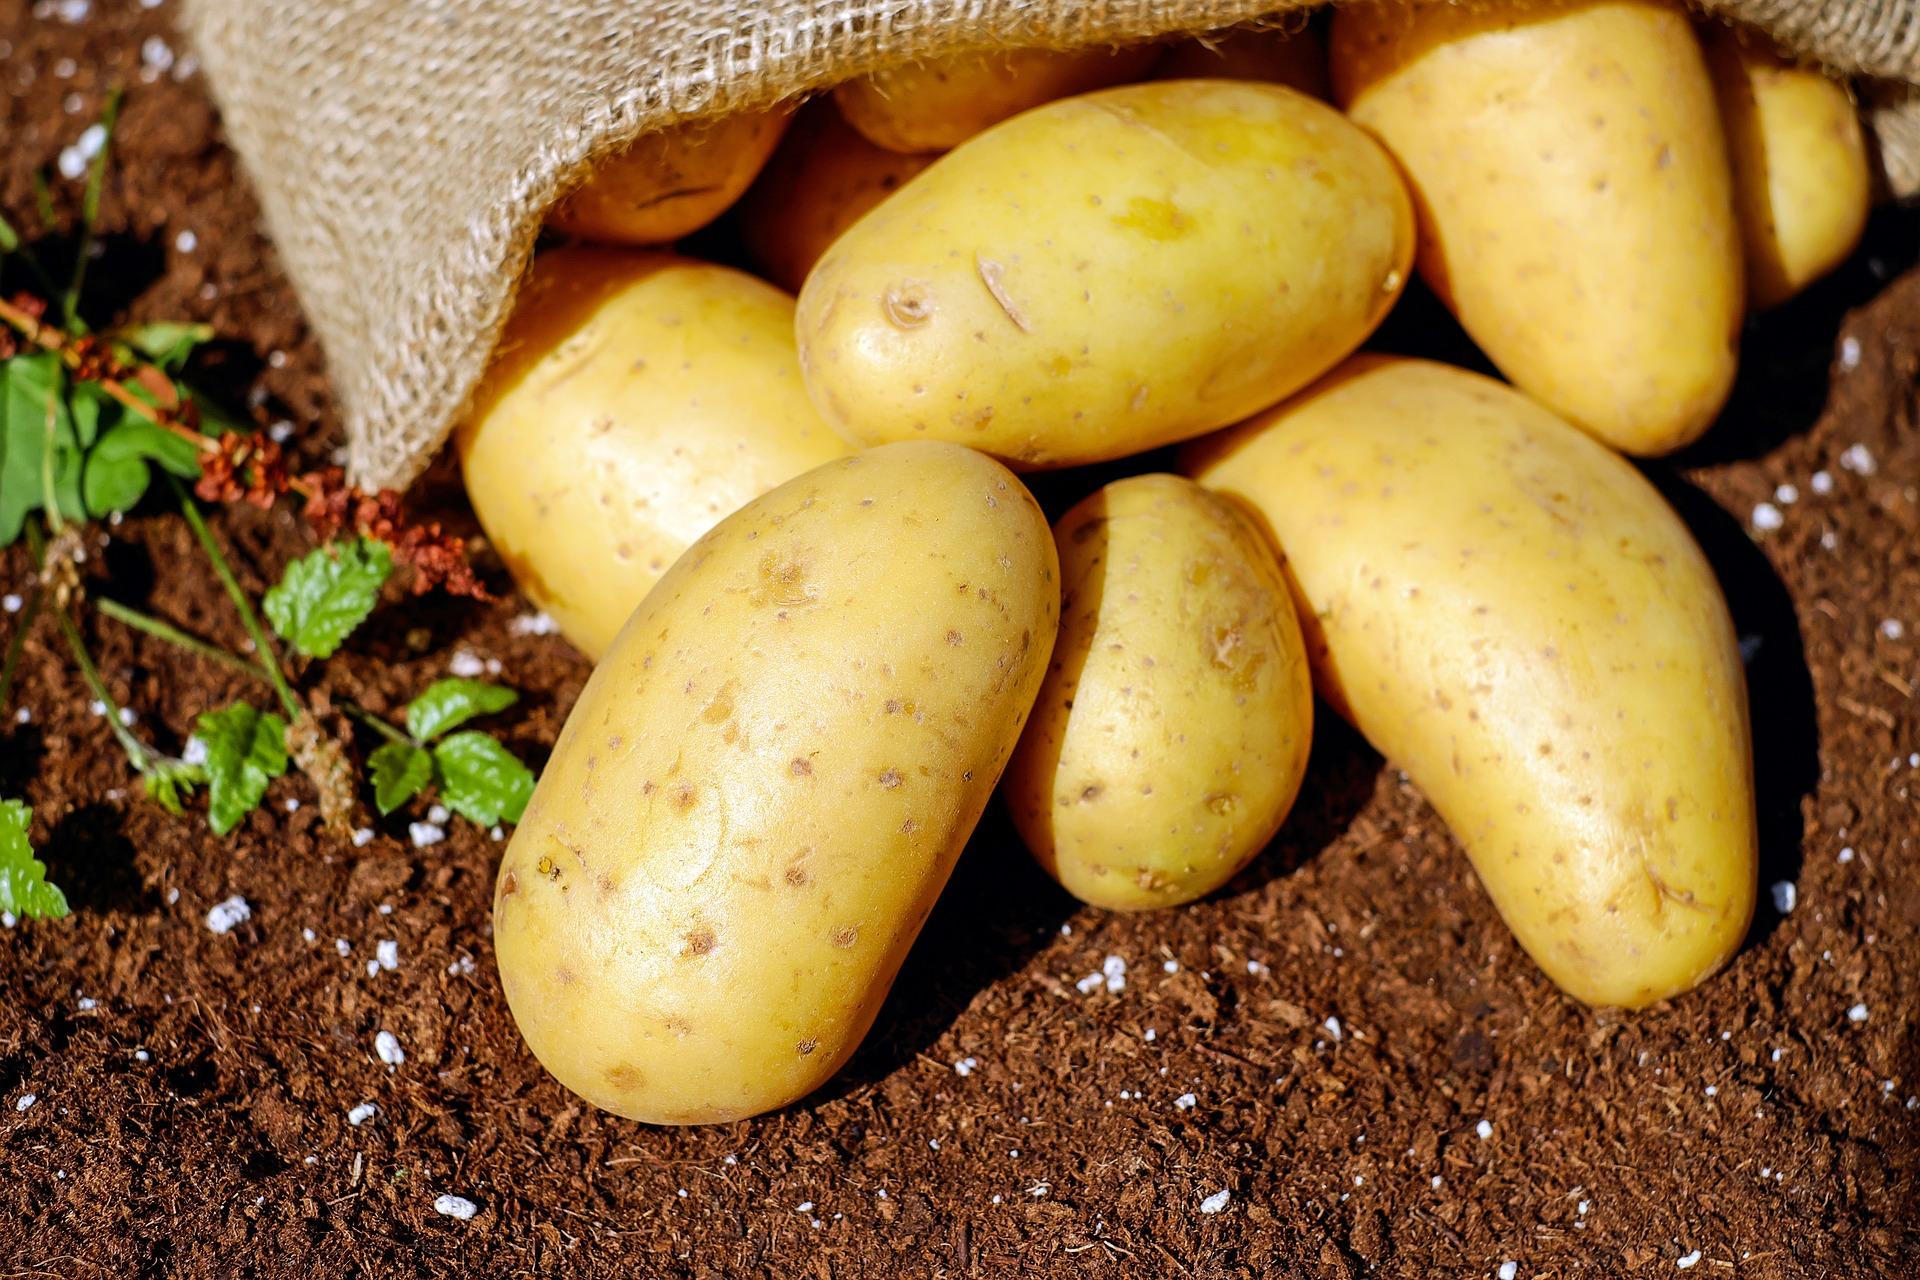 Картофель сбавил в цене 31,8%